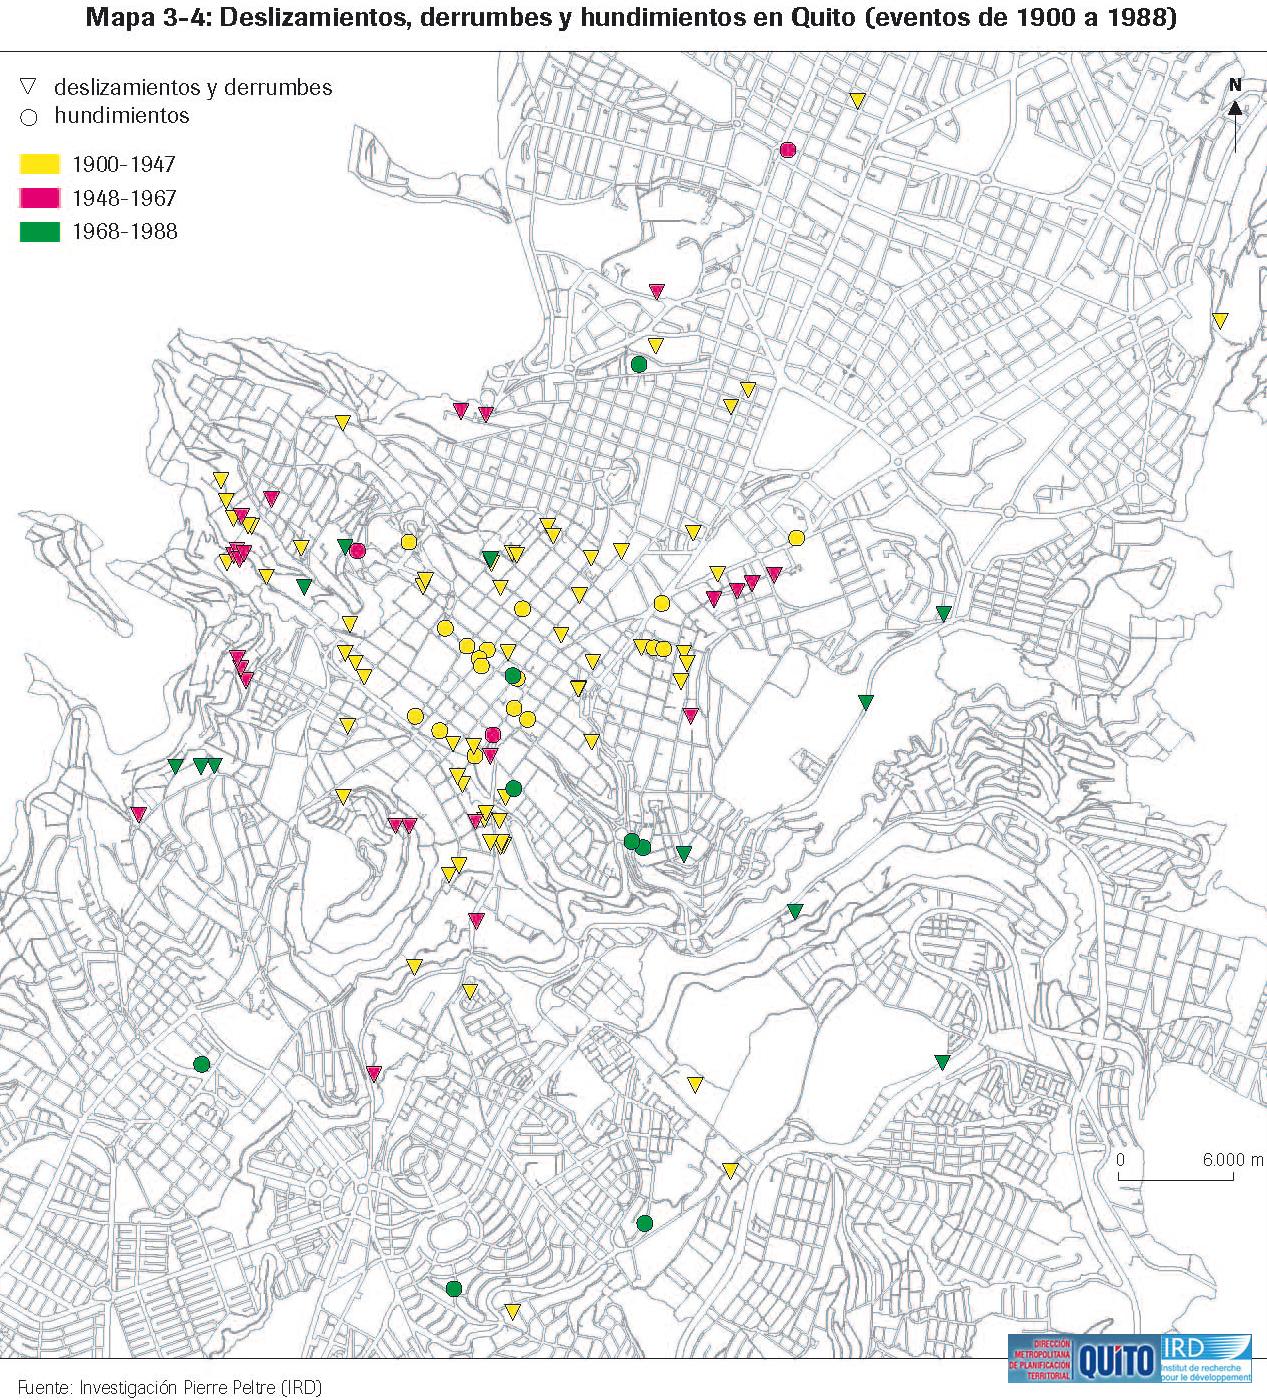 Deslizamientos, derrumbes y hundimientos en Quito de 1900 a 1988